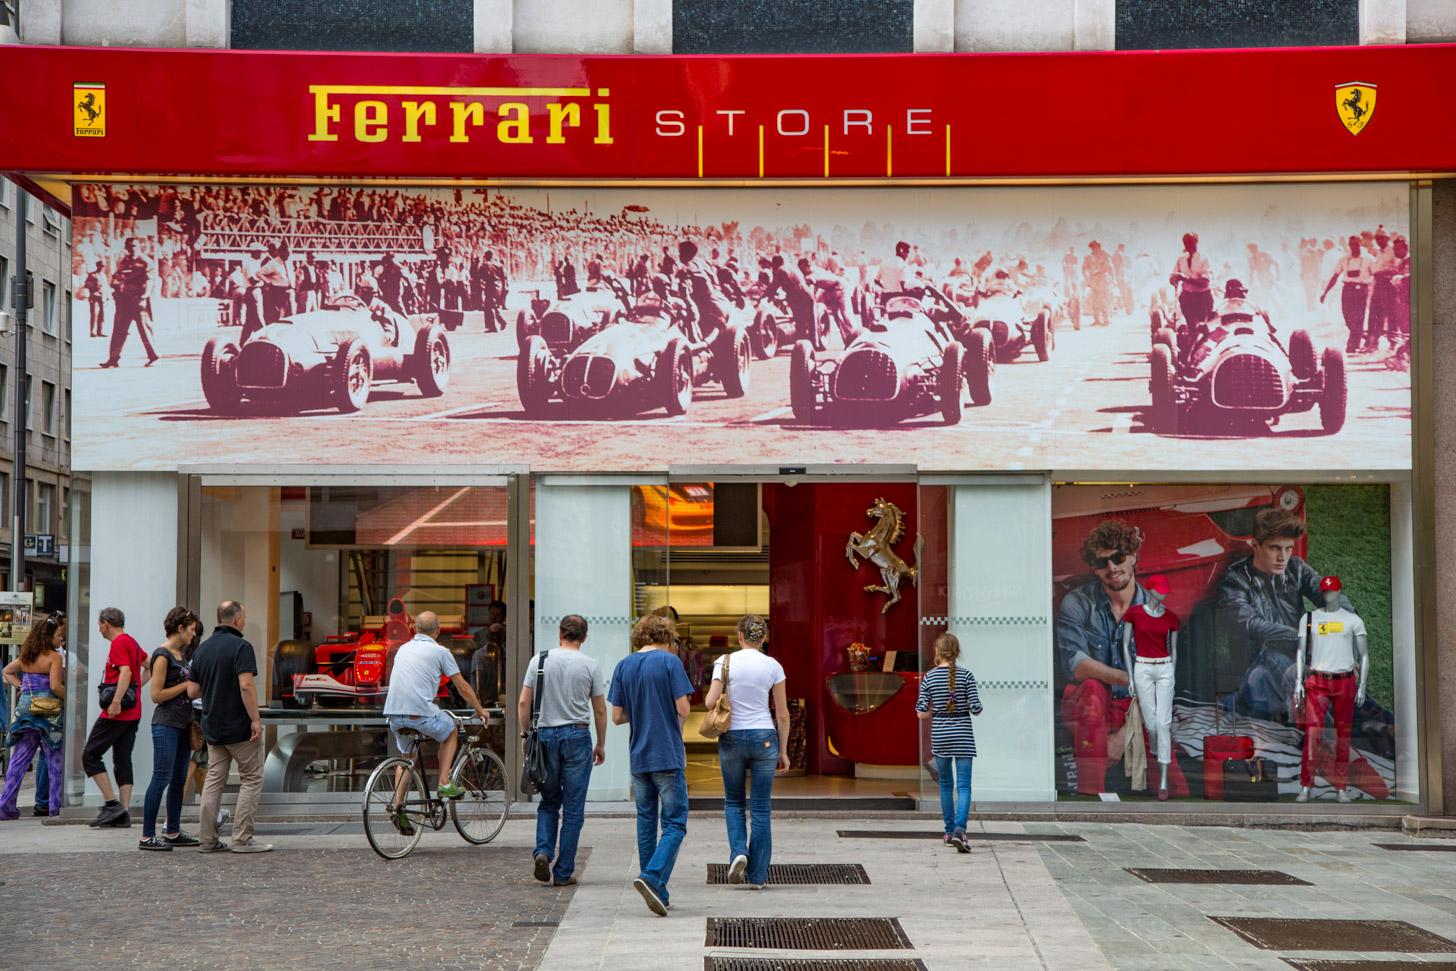 De Ferrari Store in Milaan